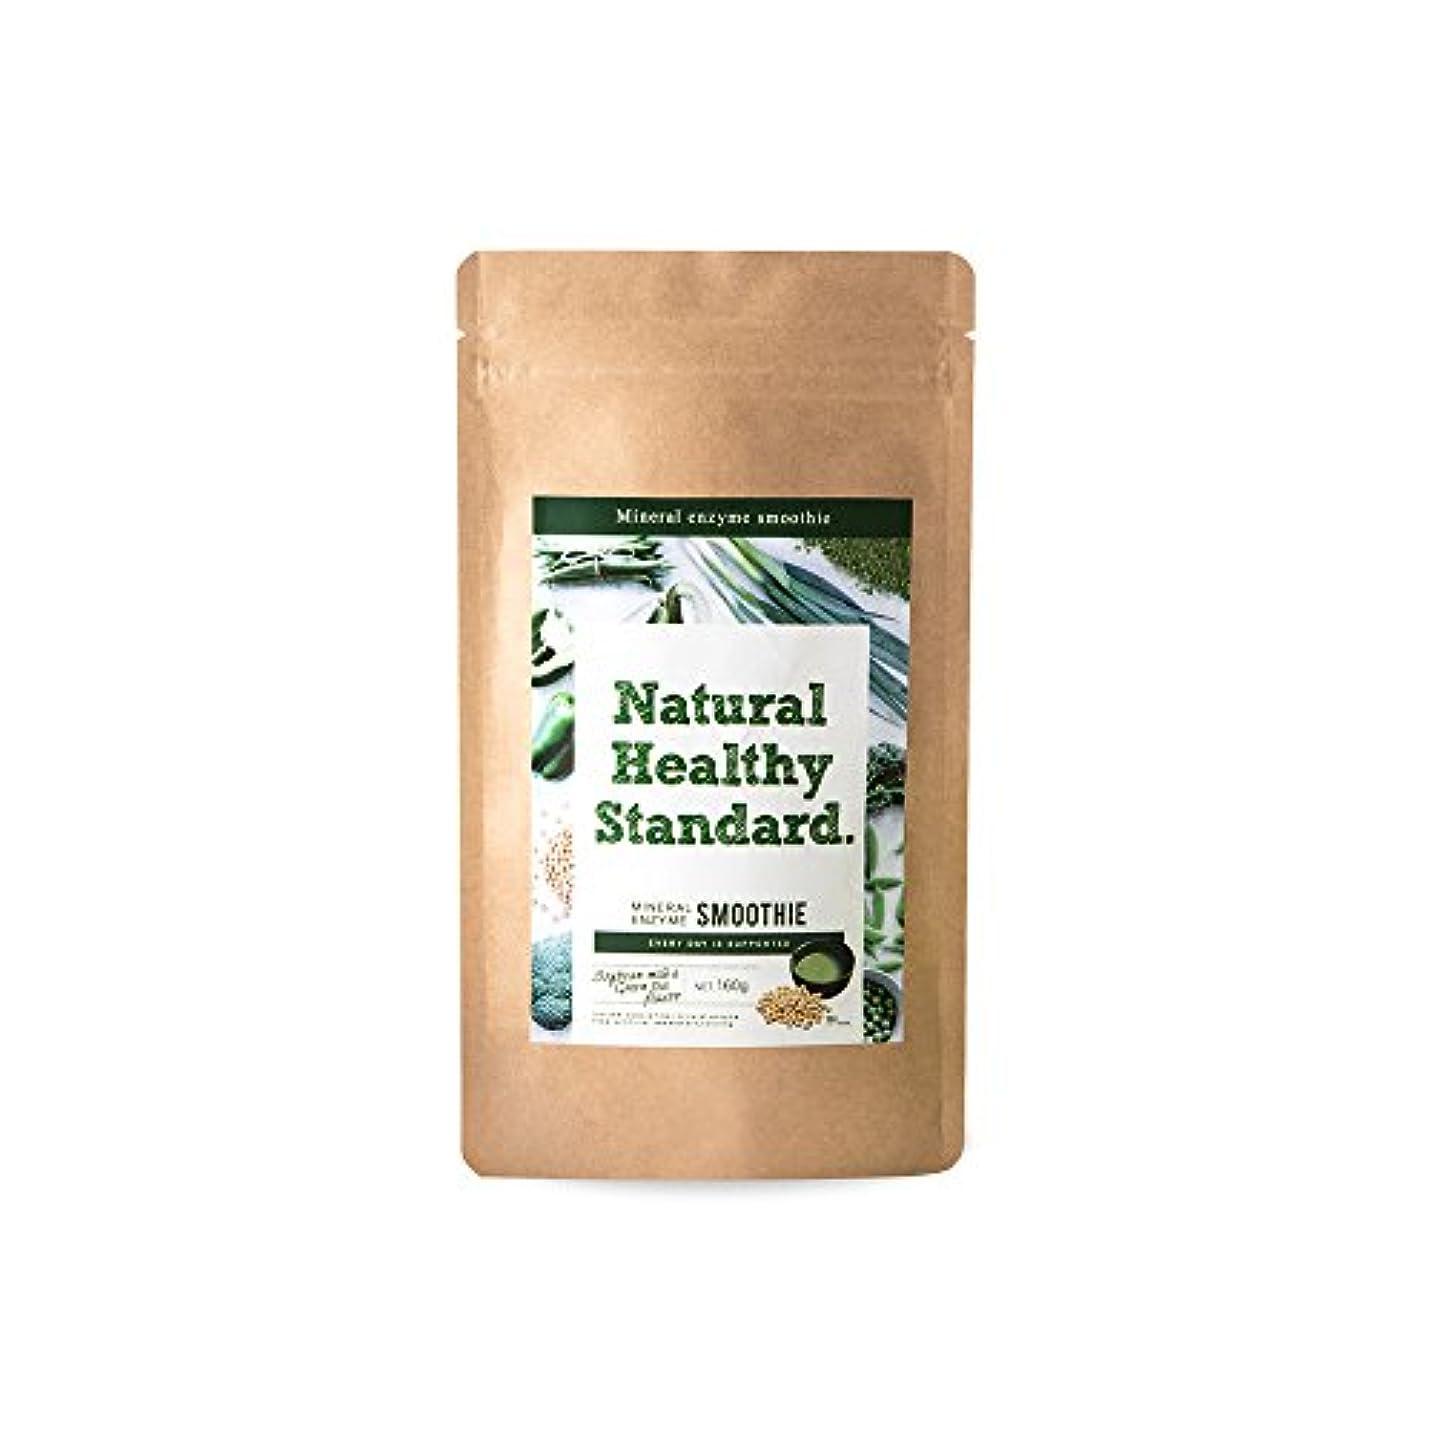 アラブサラボトレイ異常NaturalHealthyStandard(ナチュラルヘルシースタンダード) ミネラル酵素グリーンスムージー 豆乳抹茶味 160g